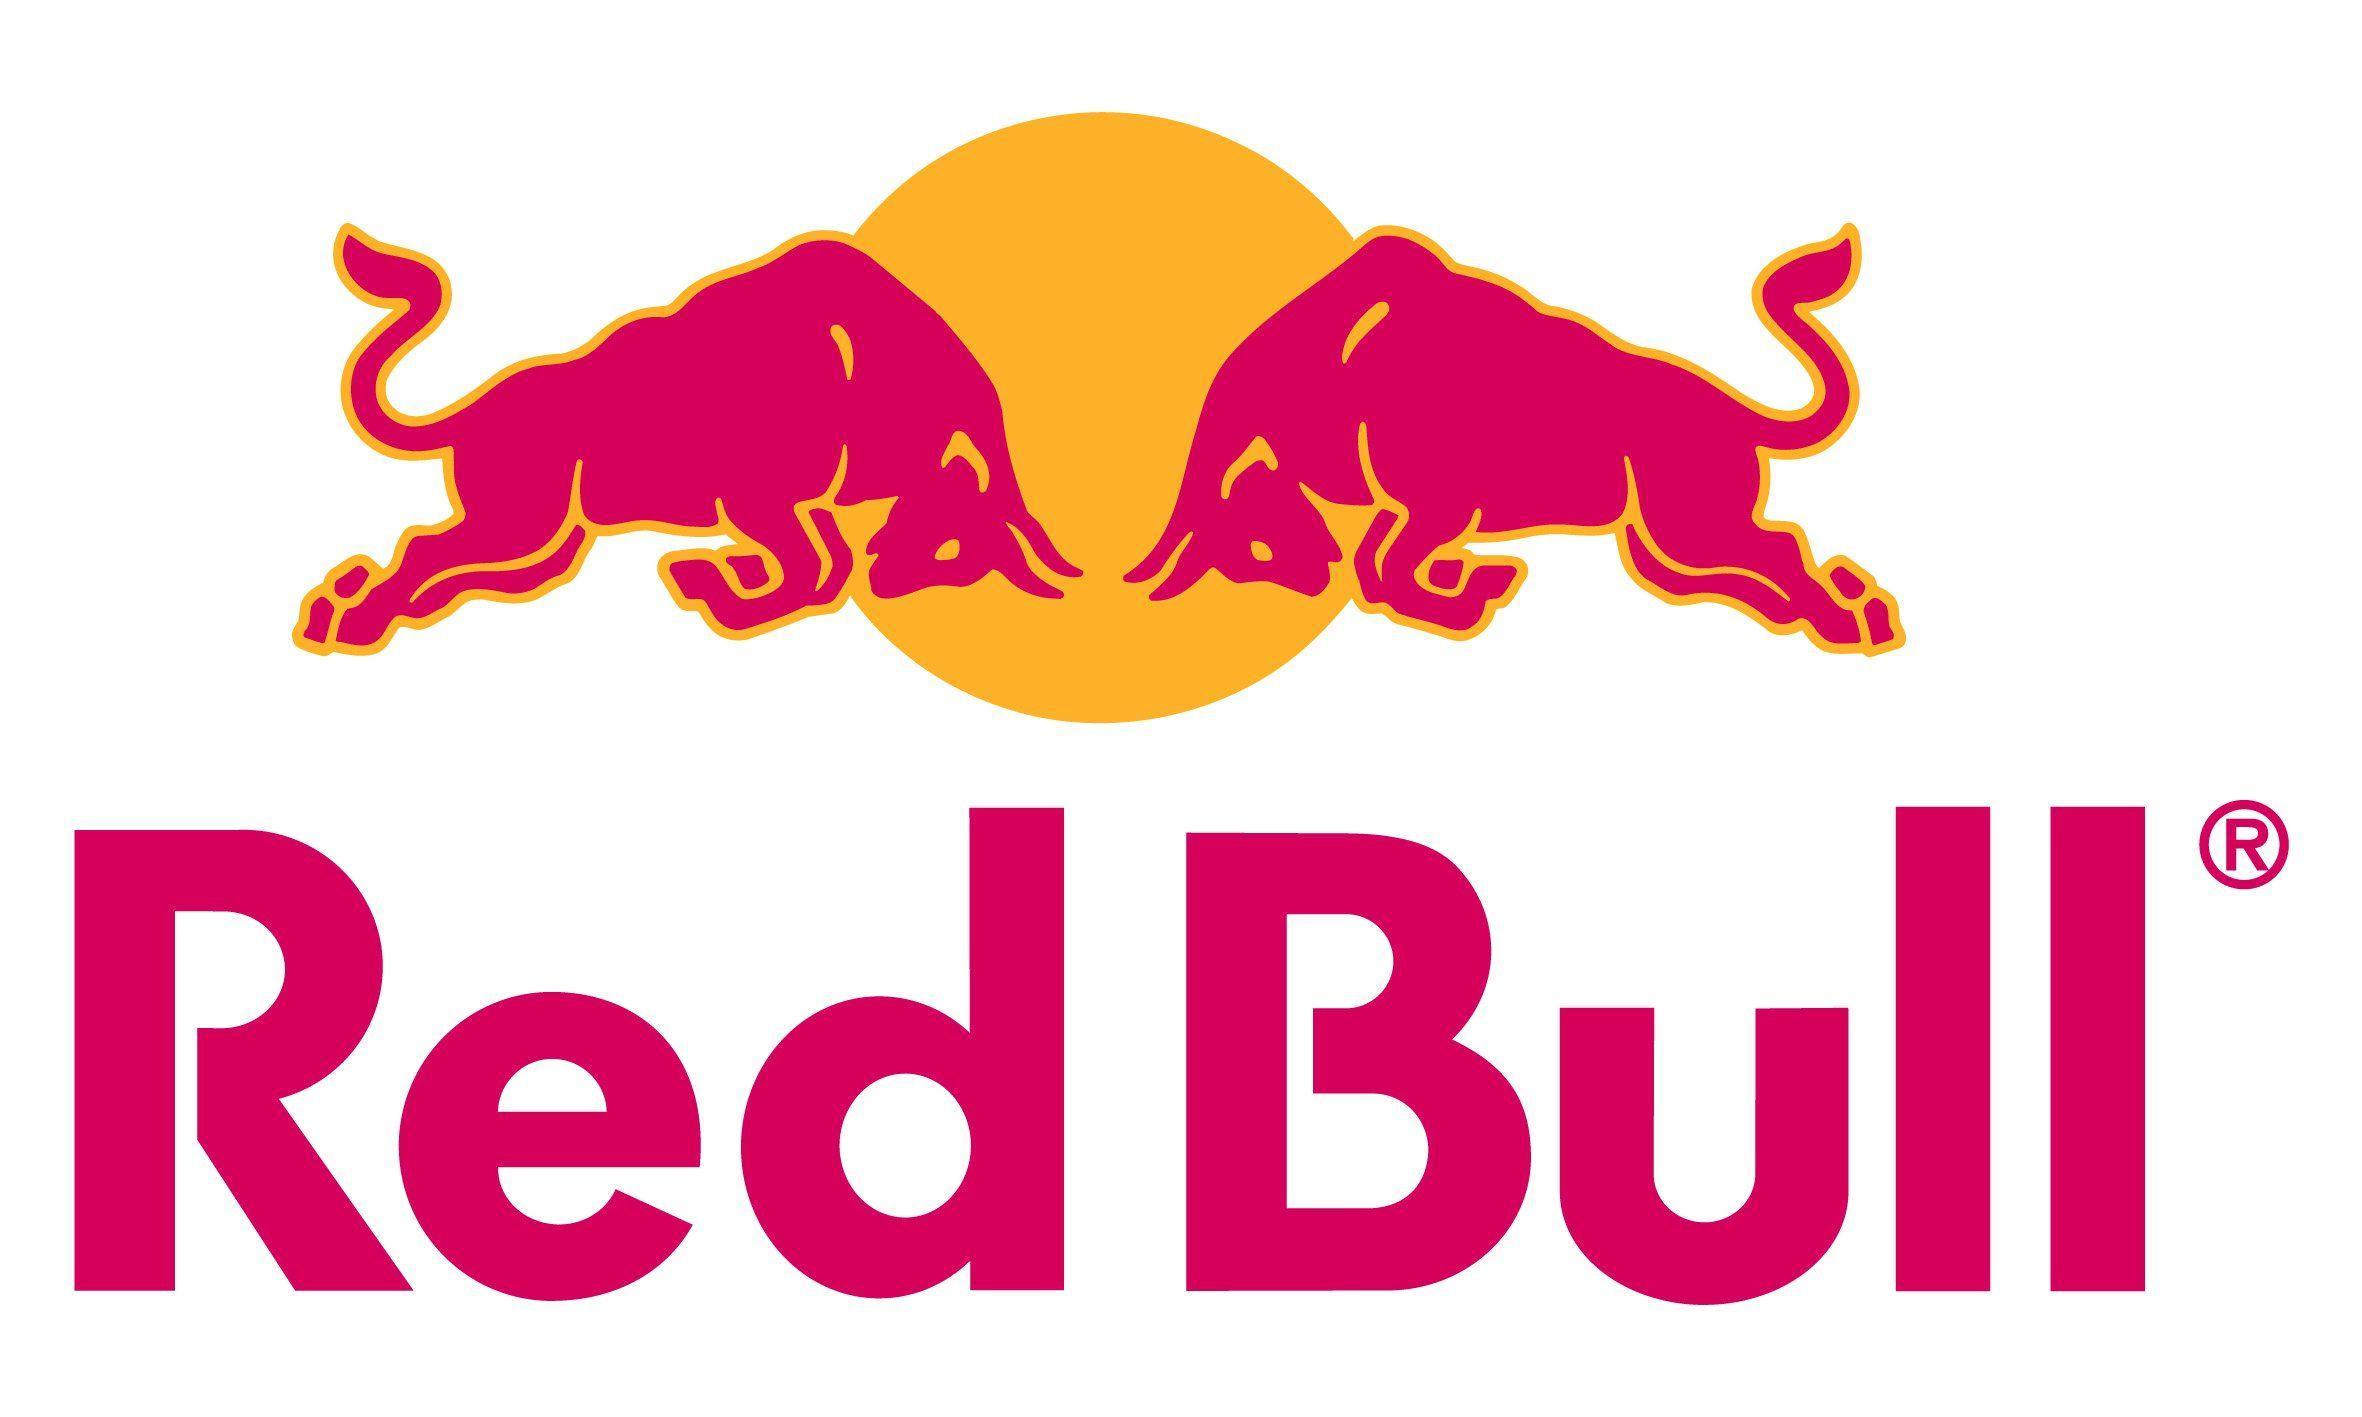 red bull logo wallpaper desktop - photo #18